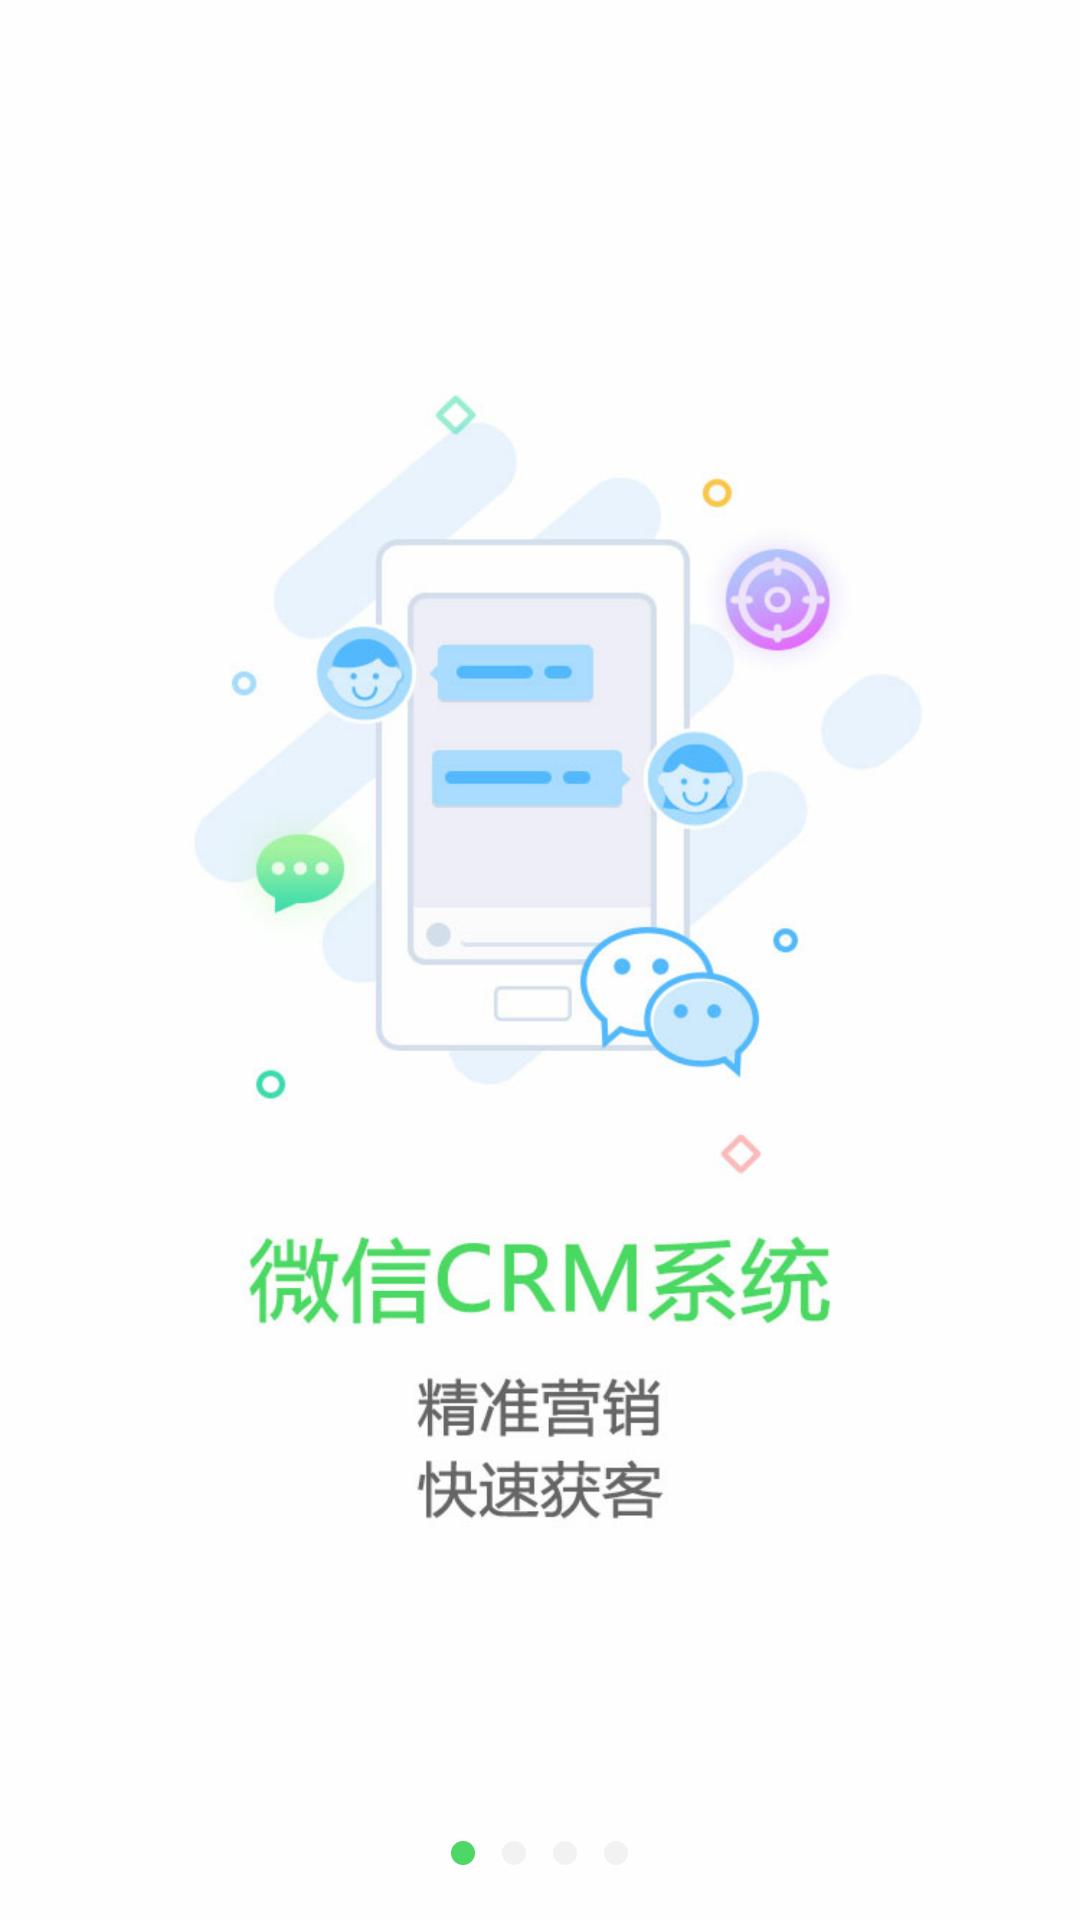 奇丰汽车销售crm主要功能包括: 1,任务推送 2,客户管理 3,销售看板 4